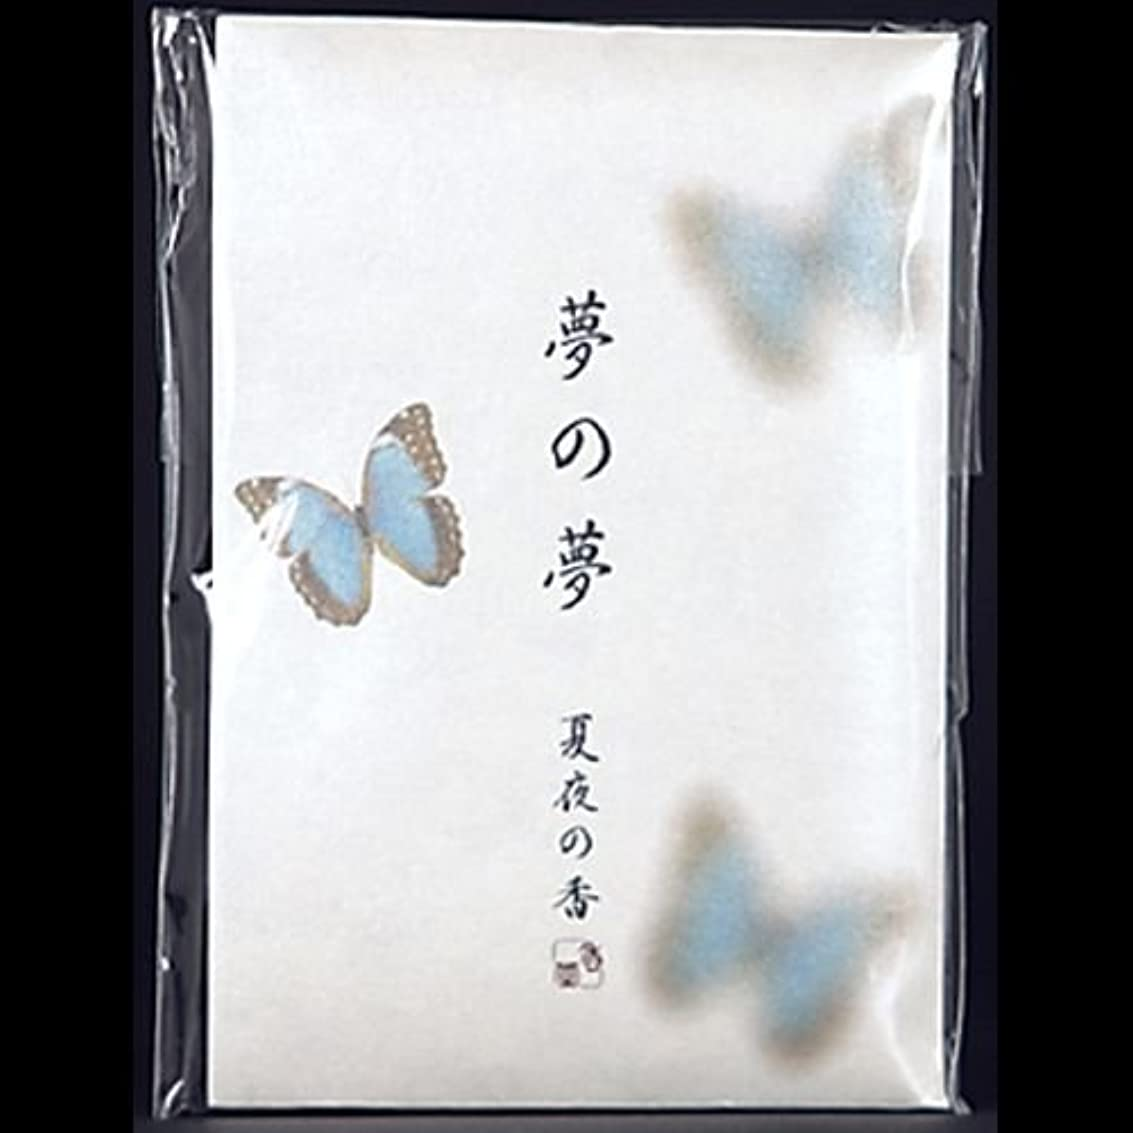 ダメージコンピューターゲームをプレイするスピーカー【まとめ買い】夢の夢 夏夜の香 (蝶々) スティック12本入 ×2セット